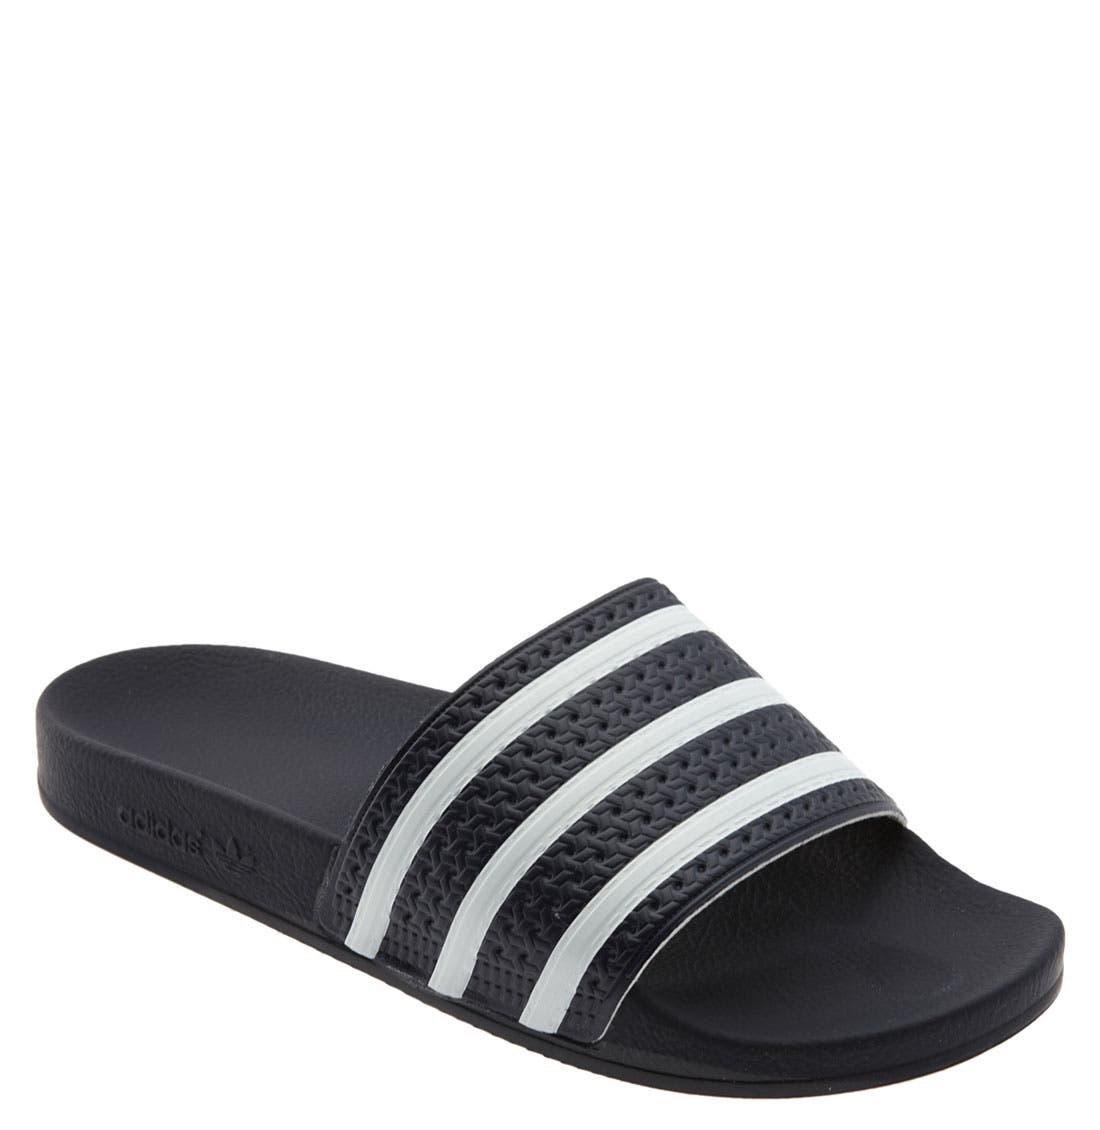 Alternate Image 1 Selected - adidas 'Adilette' Slide Sandal (Men)